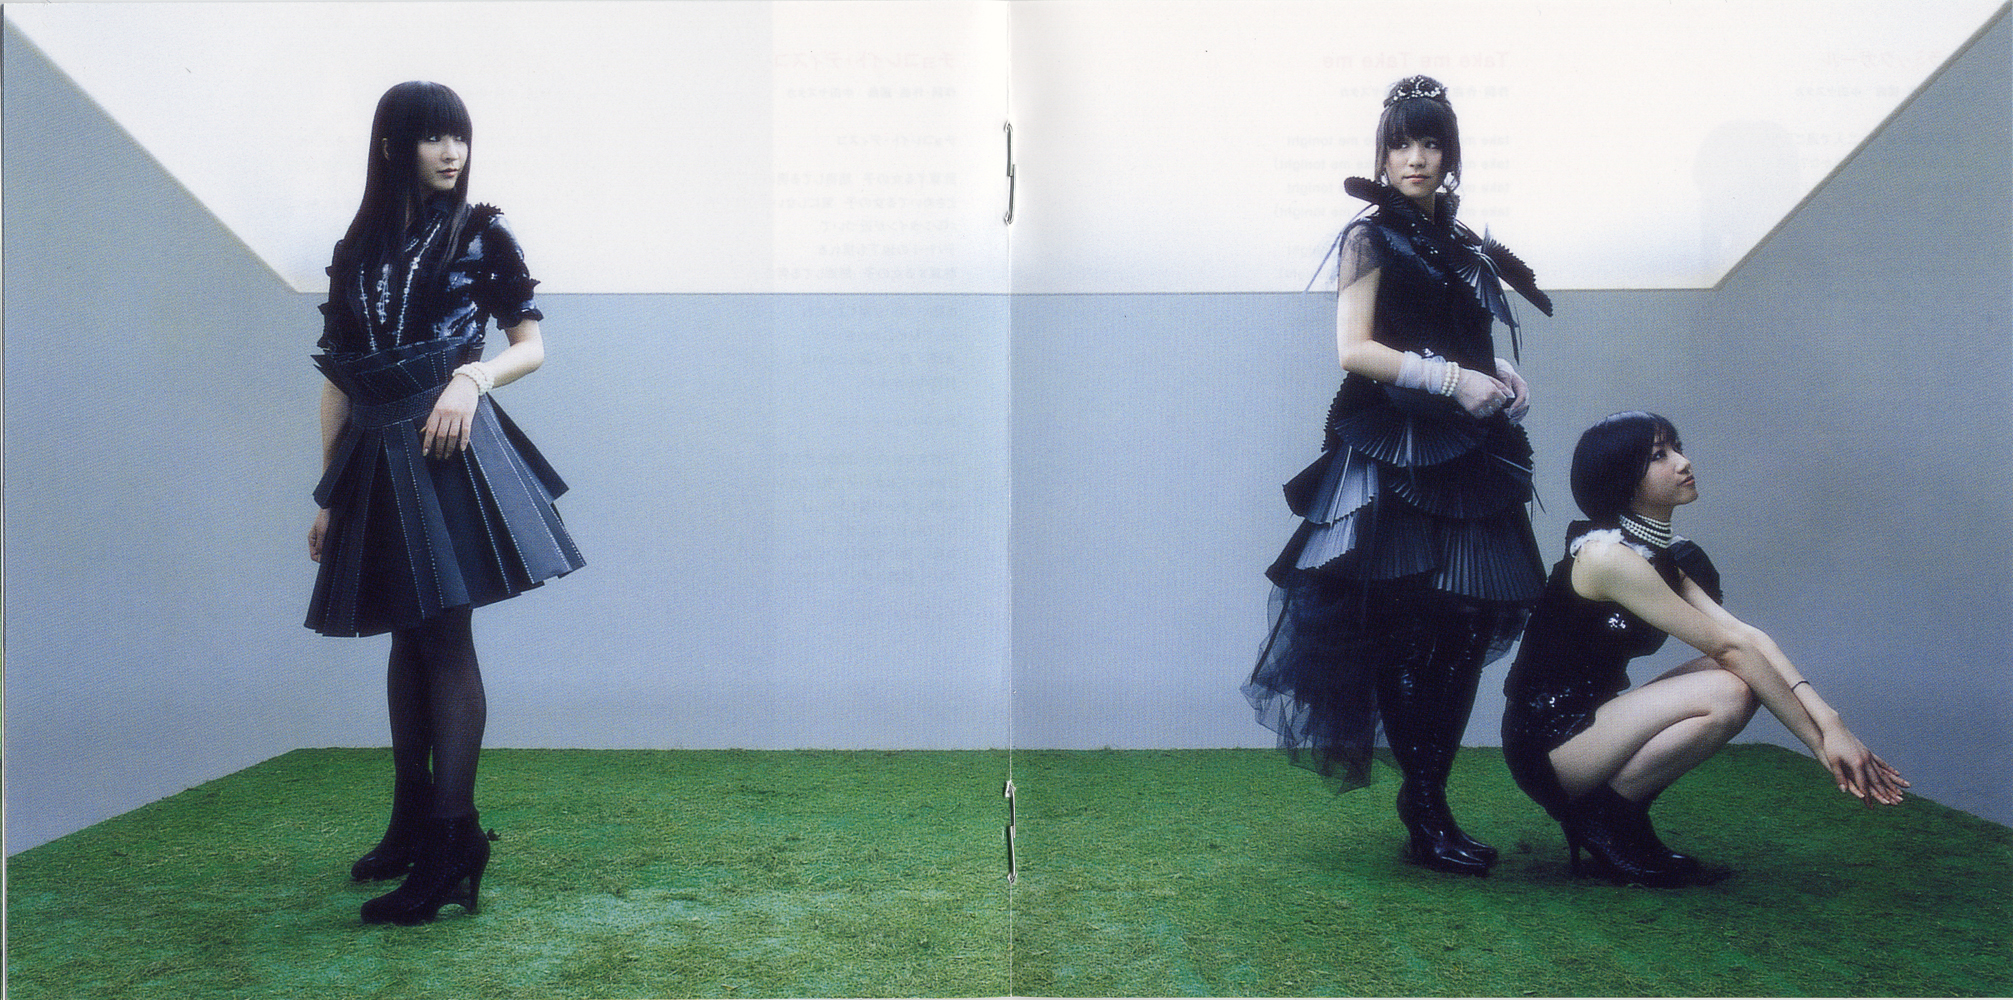 Game (Perfume album)